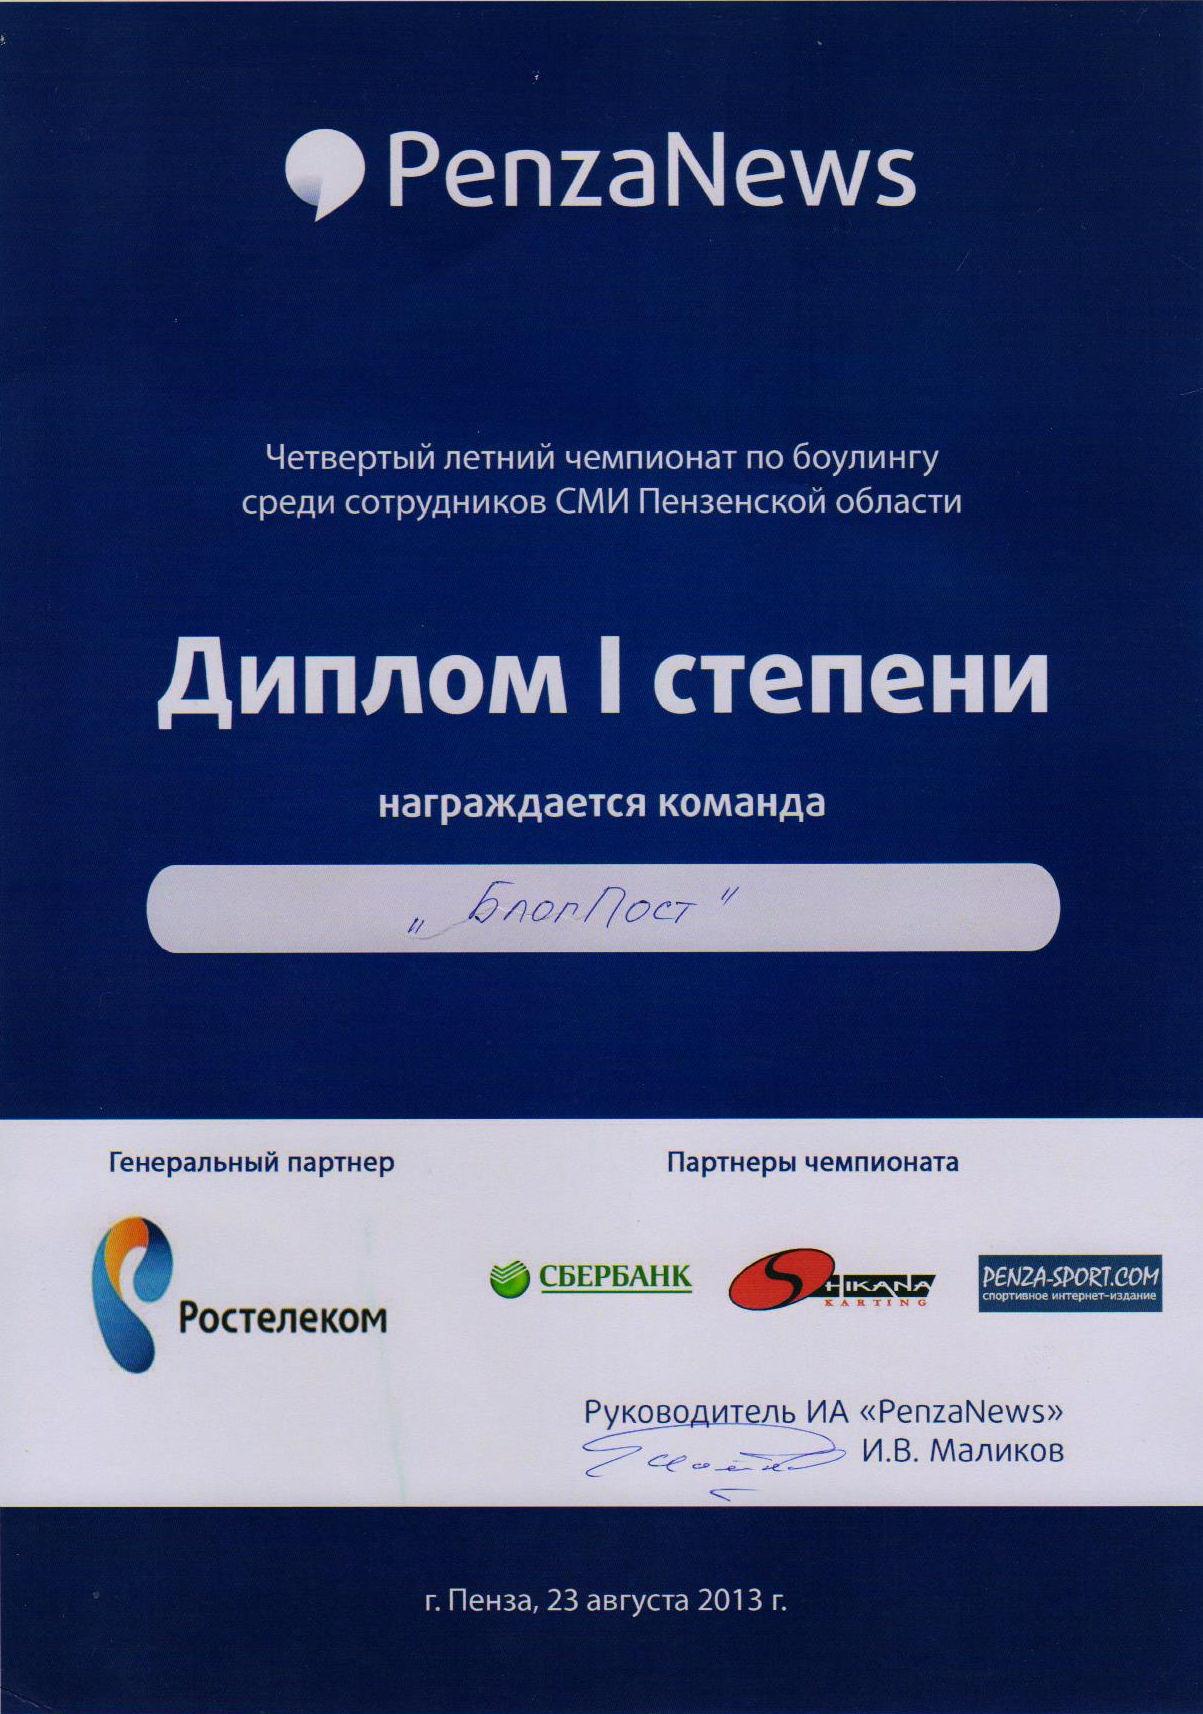 Четвертый чемпионал по боулингу среди СМИ Пензенской области